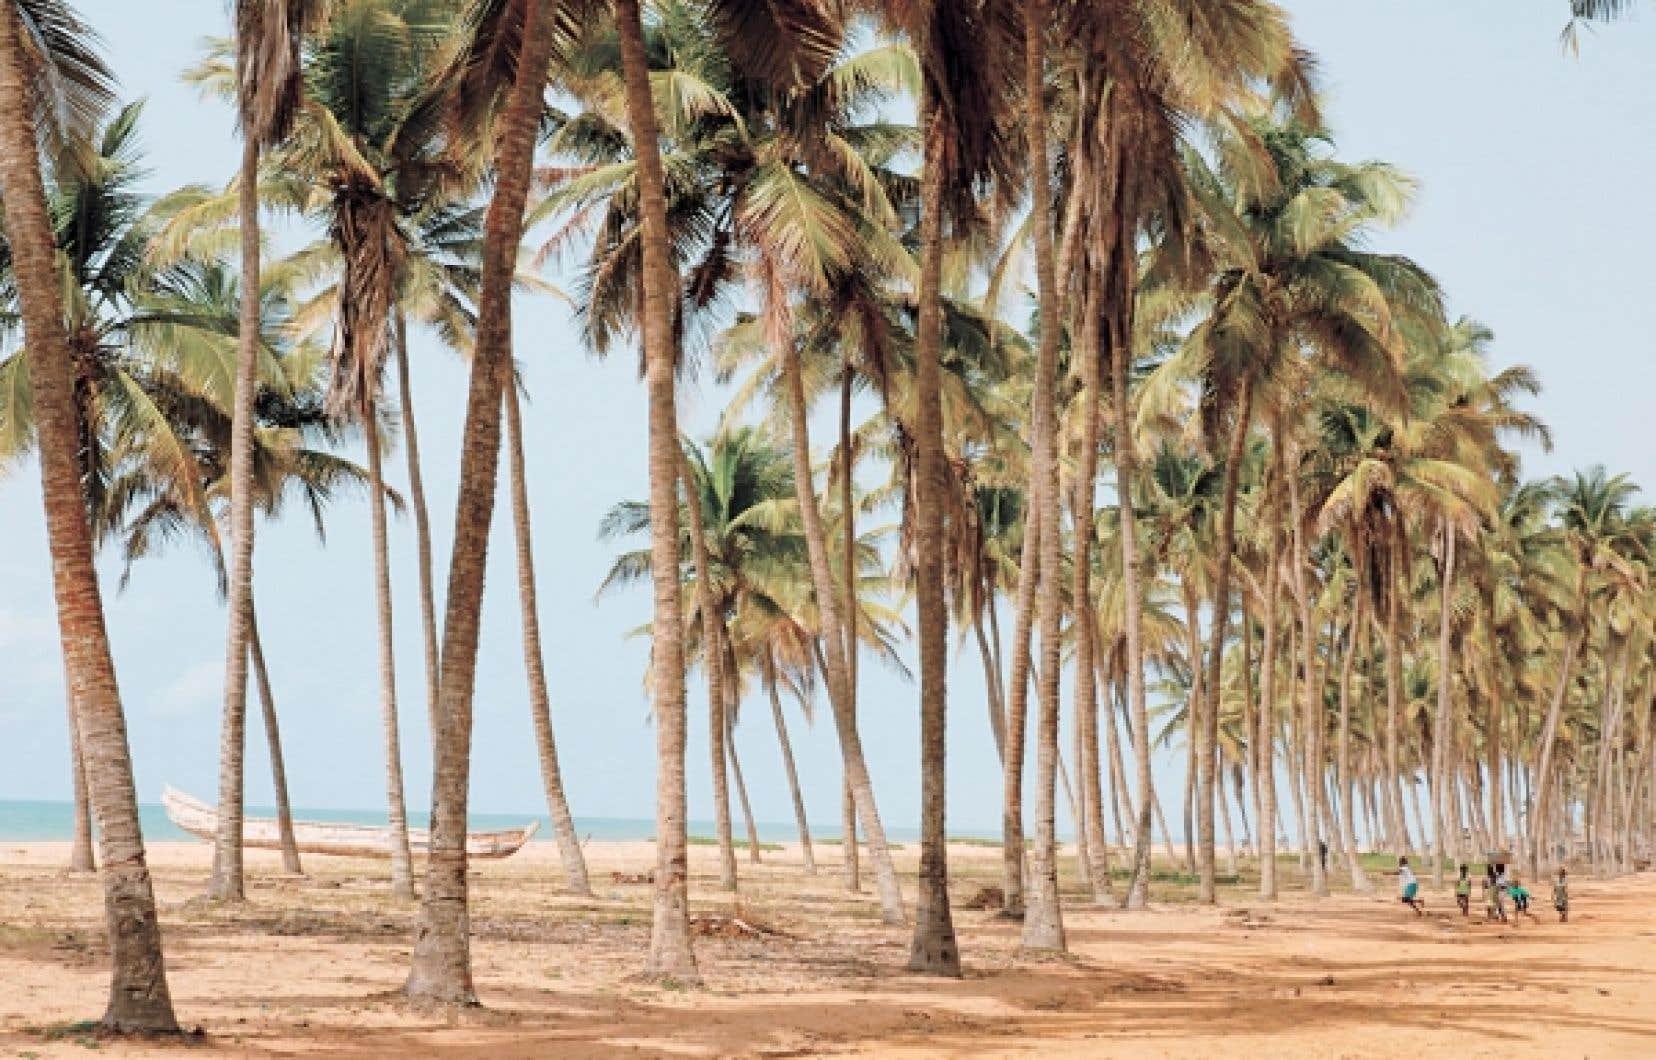 La Route des pêches est une splendide piste de sable jalonnée de hameaux de pêcheurs qui borde la mer sur 50 kilomètres depuis Cotonou.